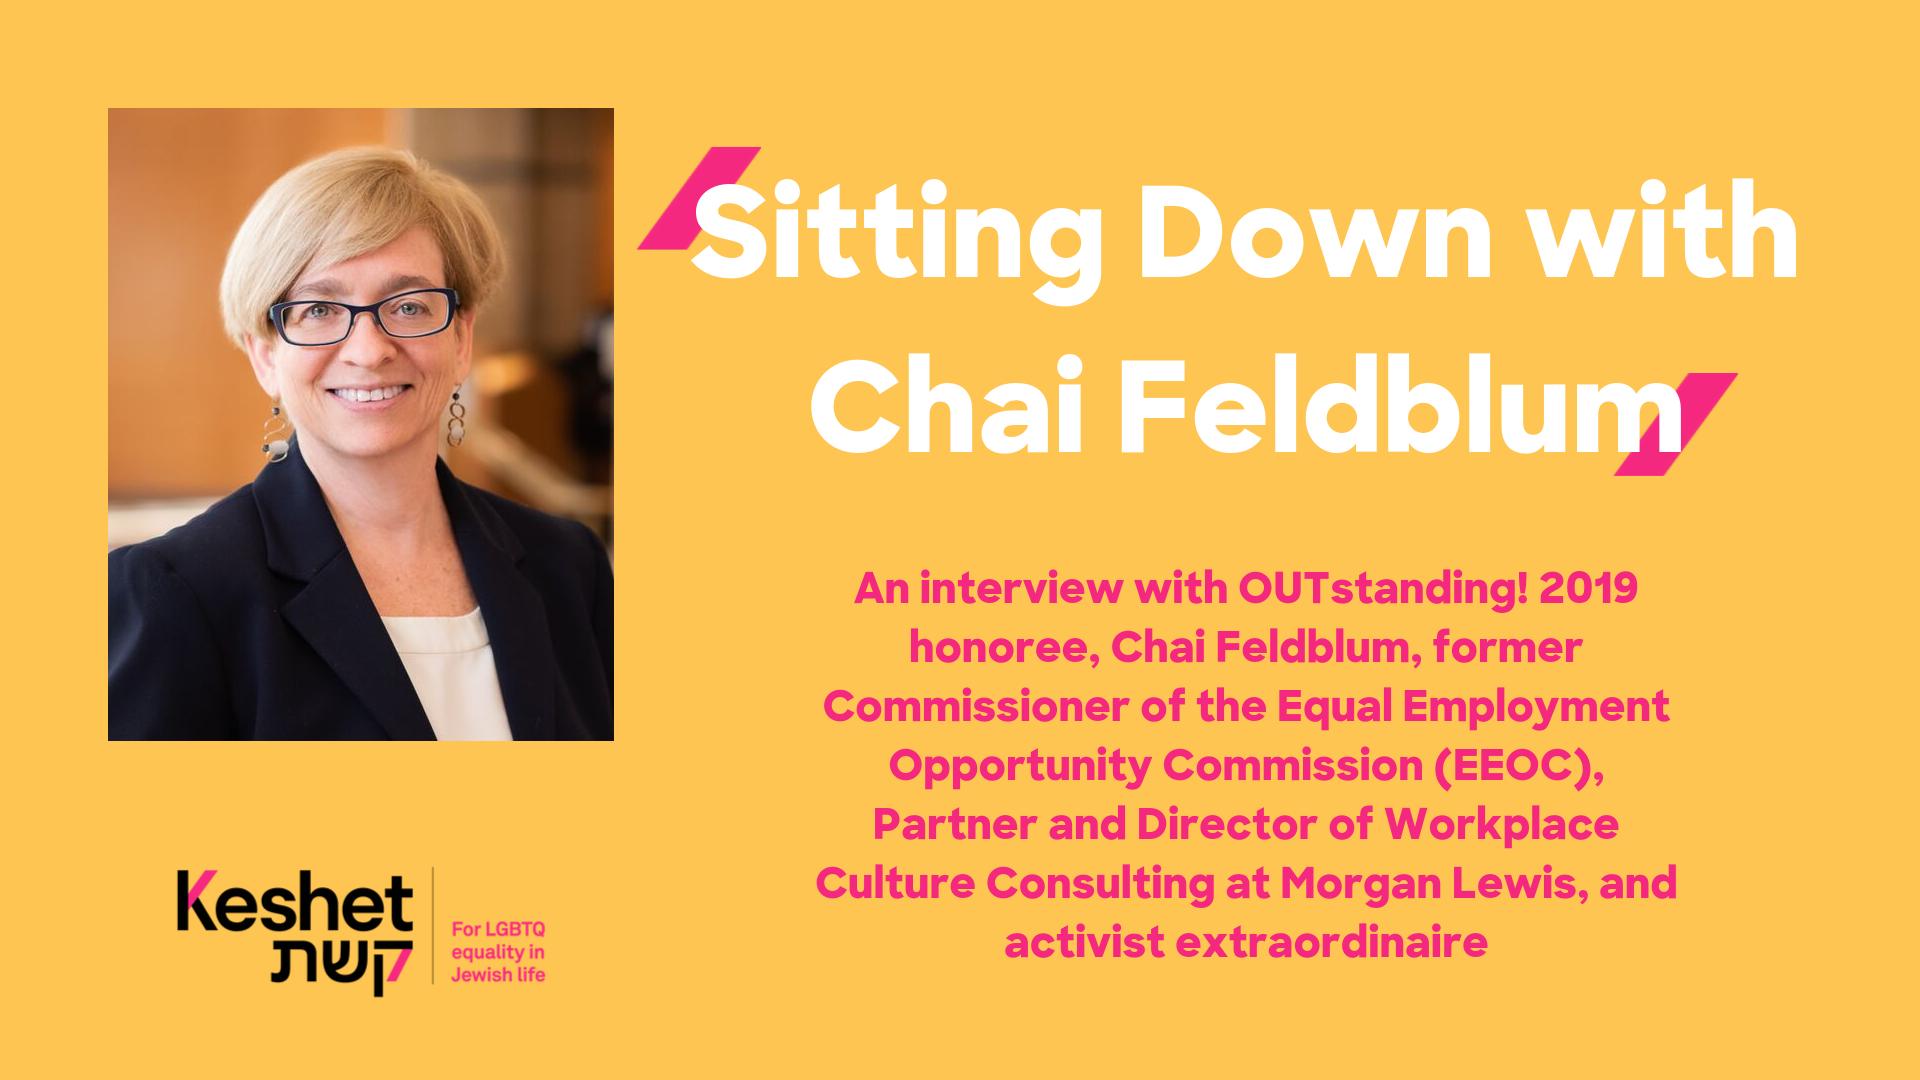 Sitting Down with Chai Feldblum